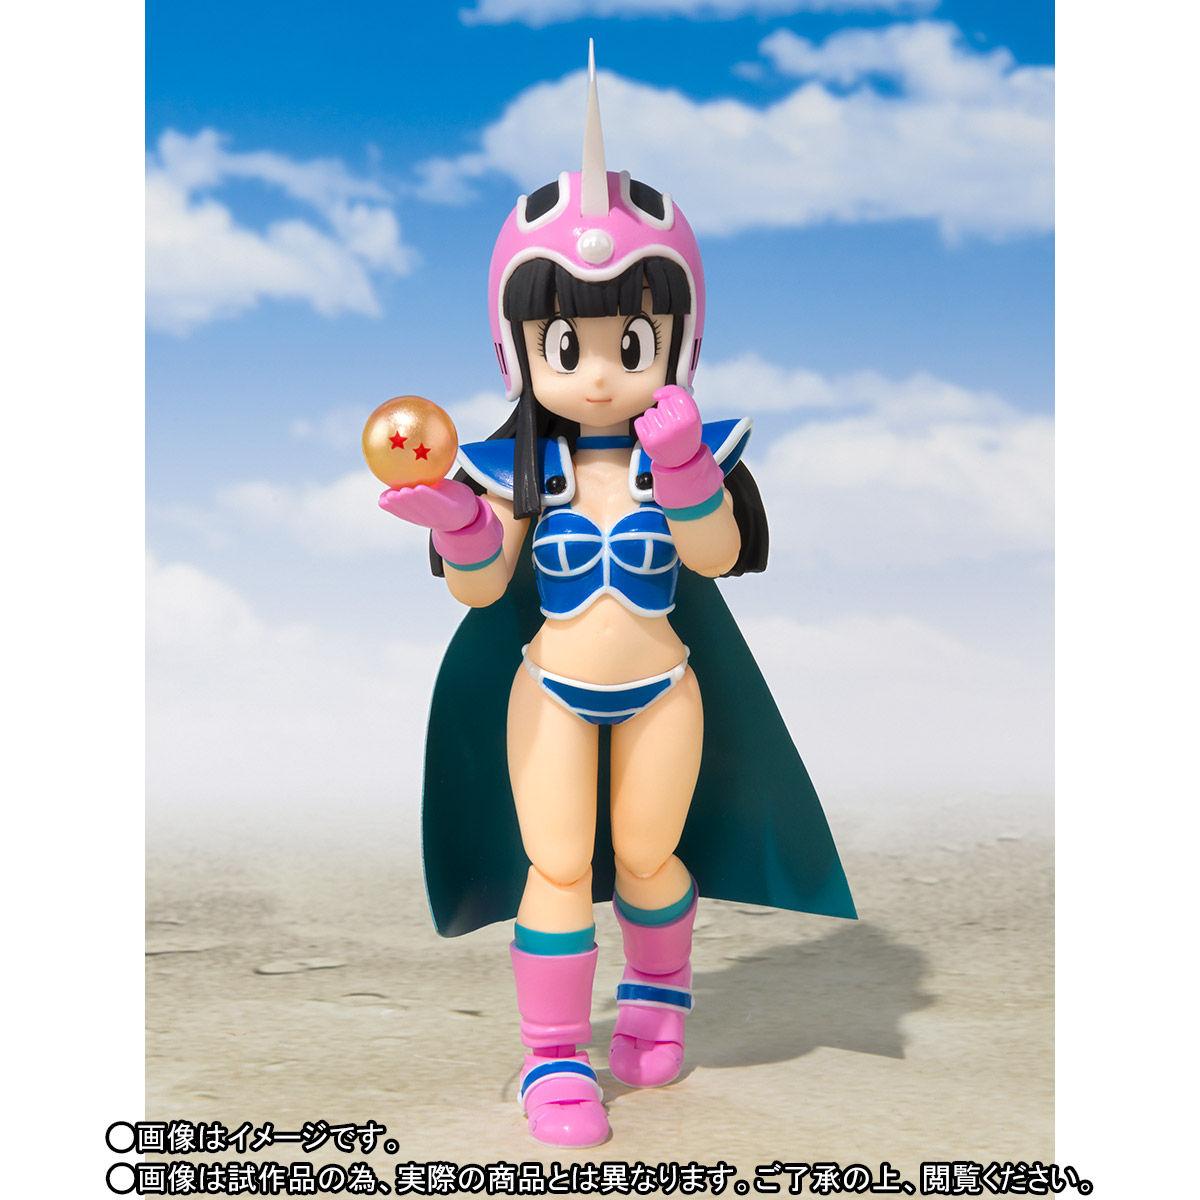 【限定販売】S.H.Figuarts『チチ -少女期-』ドラゴンボール 可動フィギュア-002